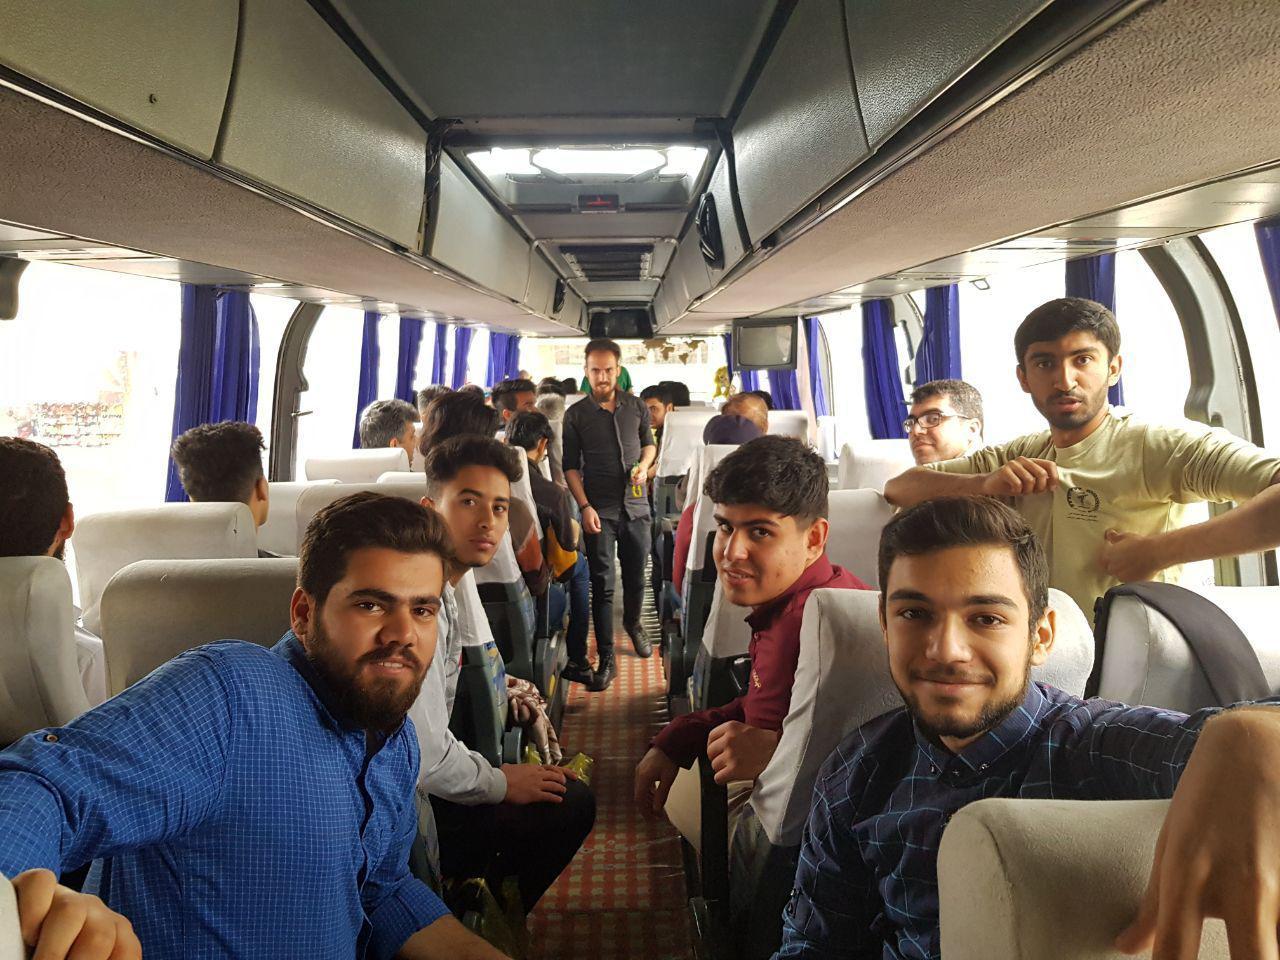 تداوم فعالیتها در مناطق سیل زده/ ۱۲۰ دانشجو جهادی استان به لرستان اعزام شدند